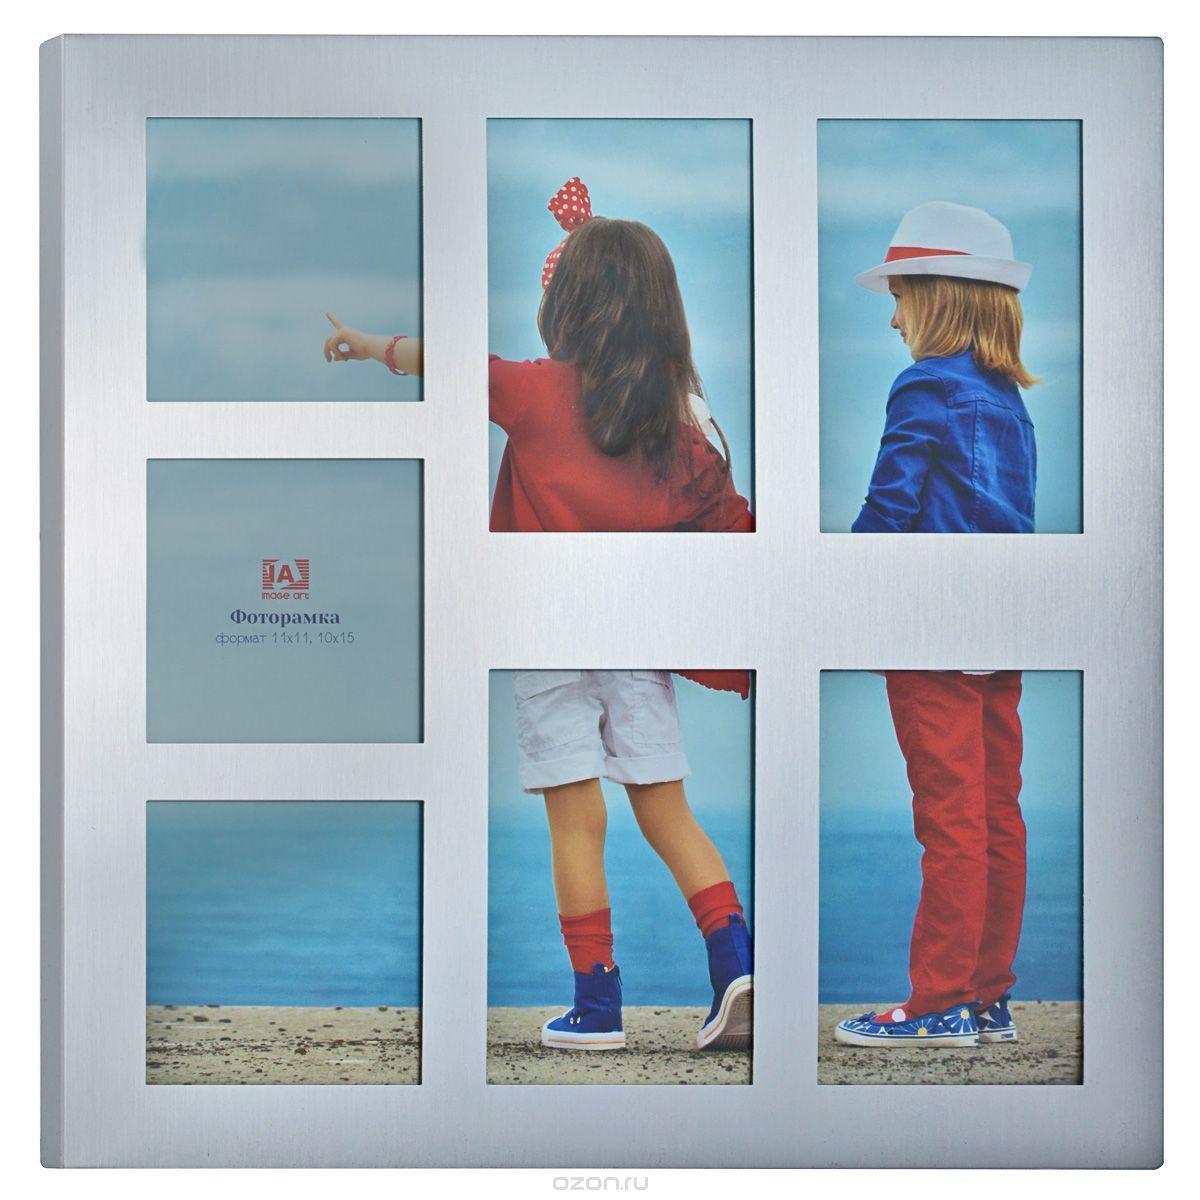 Фоторамка Image Art, цвет: серебристый, на 7 фото. 50552830012705055283001270Фоторамка-коллаж Image Art - прекрасный способ красиво оформить вашифотографии. Изделие рассчитано на 7 фотографий. Фоторамка выполнена изалюминия и защищена стеклом. Фоторамкуможно подвесить на стену, для чего с задней стороны предусмотреныспециальные отверстия.Такая фоторамка поможет сохранить на память самые яркие моменты вашейжизни, а стильный дизайн сделает ее прекрасным дополнением интерьера.Размер фотографий: 10 см х 15 см; 10 см х 15 см; 10 см х 15 см; 10 см х 15 см; 11 смх 11 см; 11 см х 11 см.